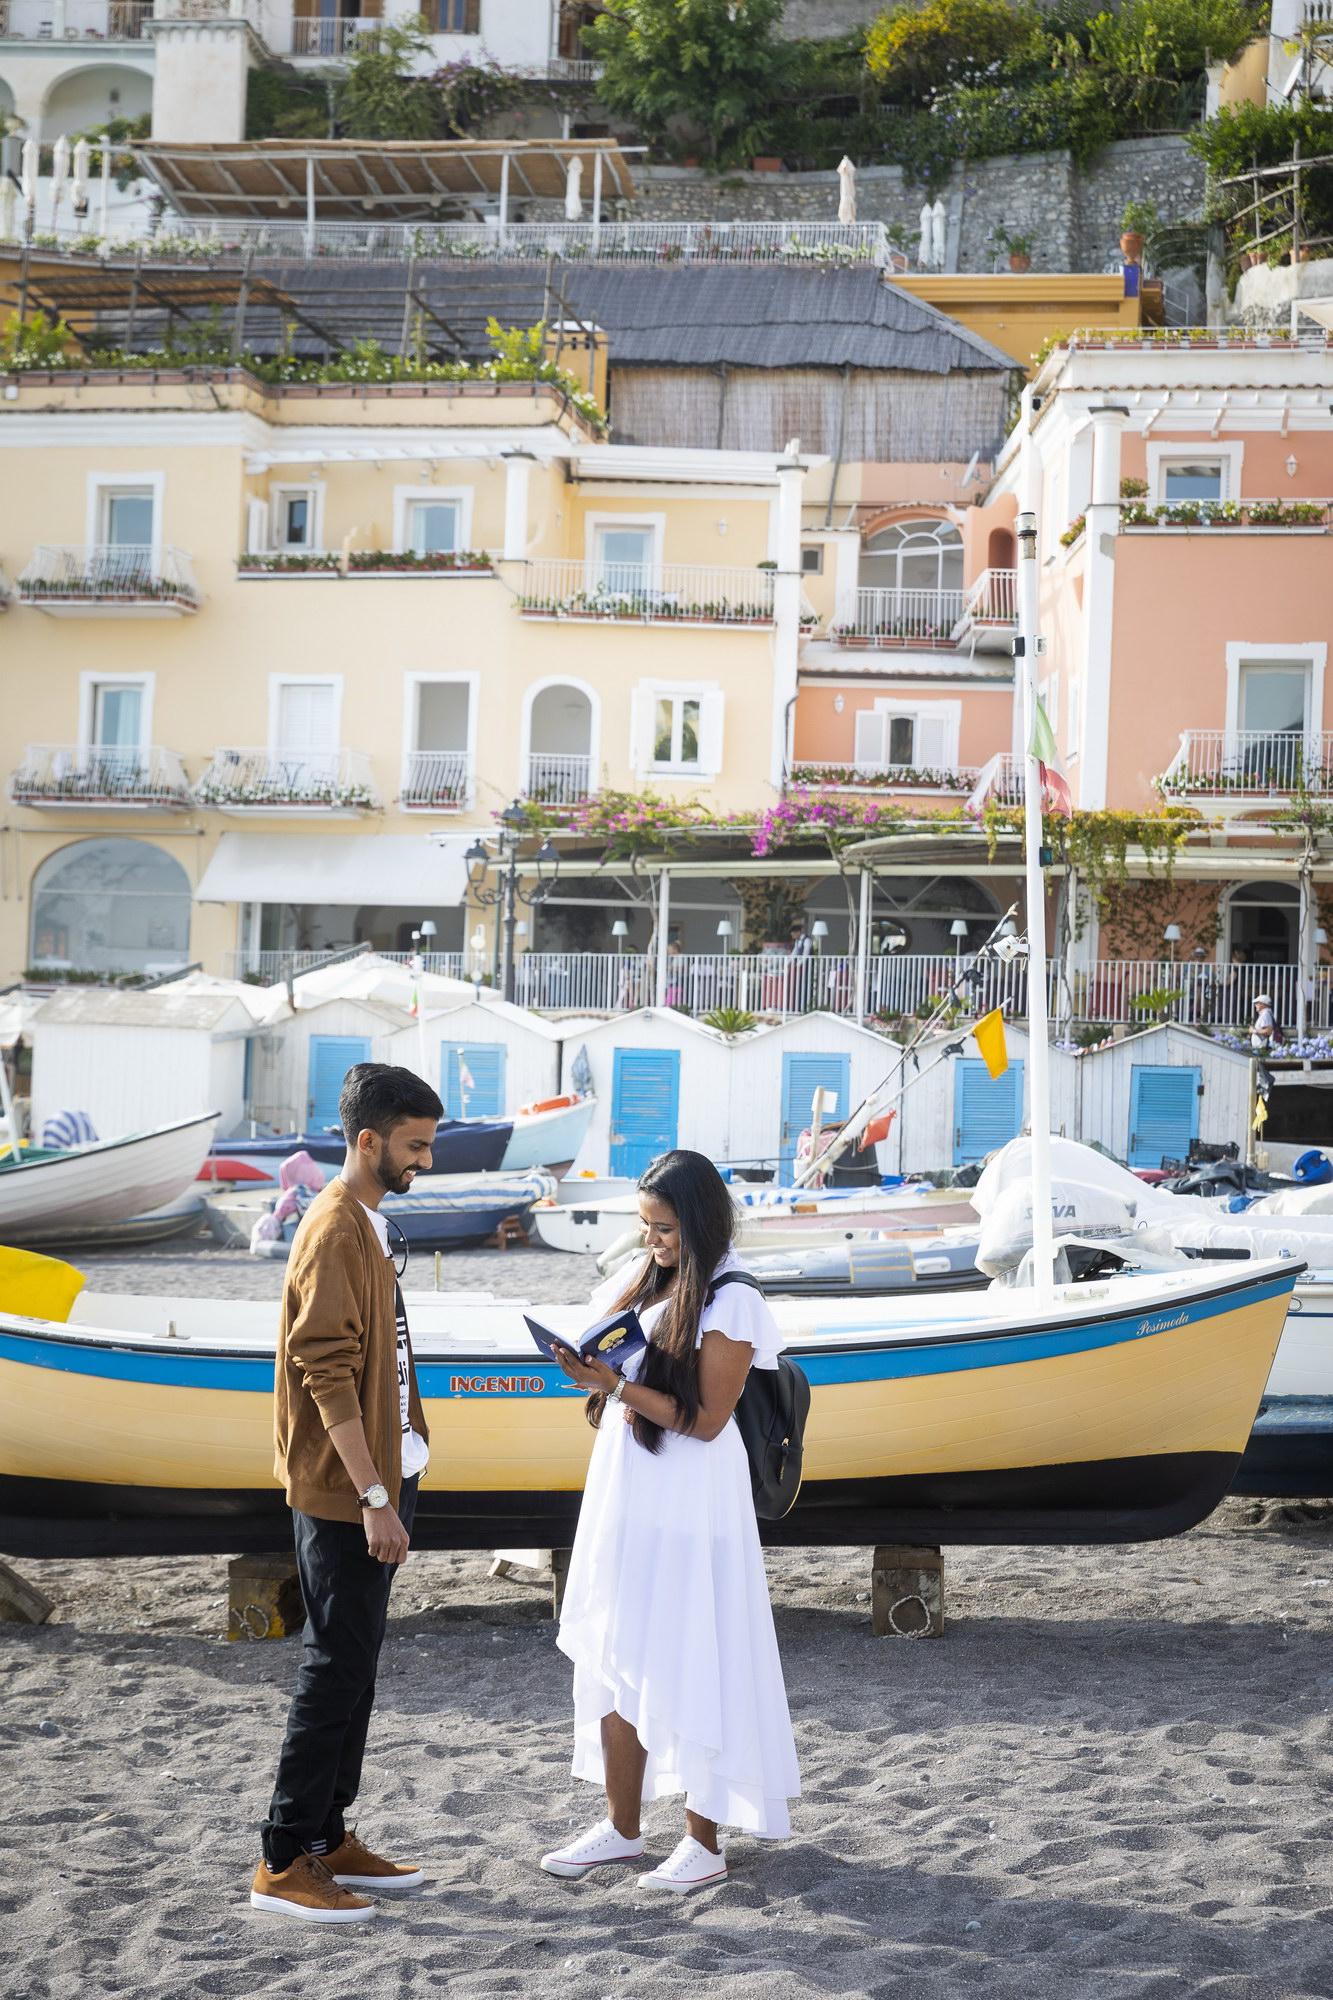 Picture-Perfect Wedding Proposal in Positano Andrea Matone02